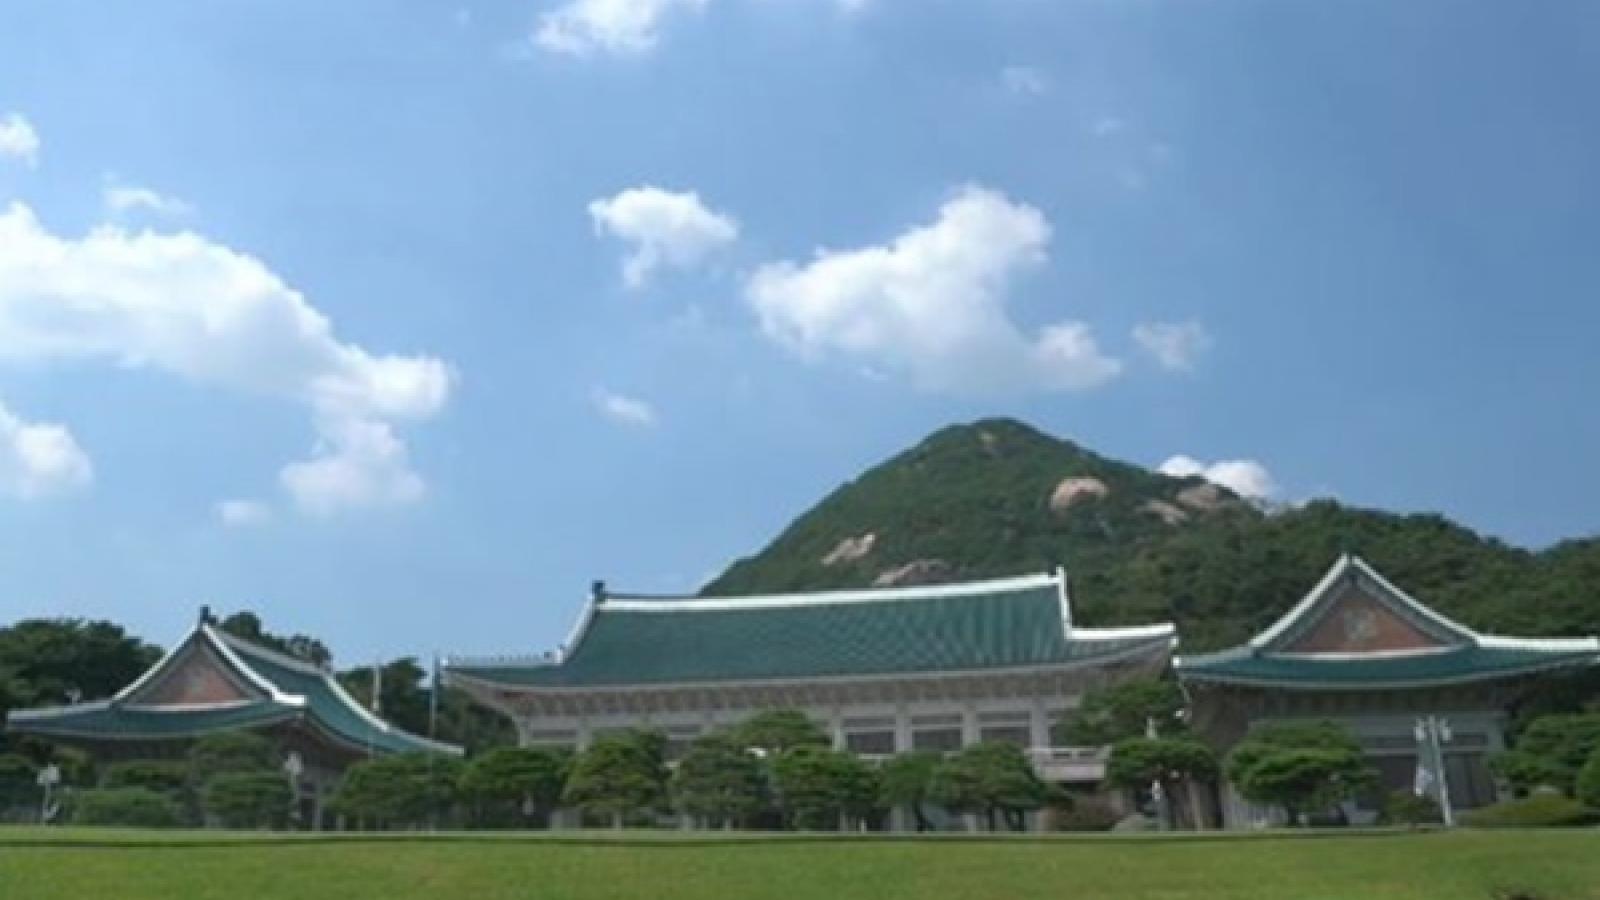 Hàn Quốc xây dựng Luật ngăn hoạt động rải truyền đơn vào Triều Tiên